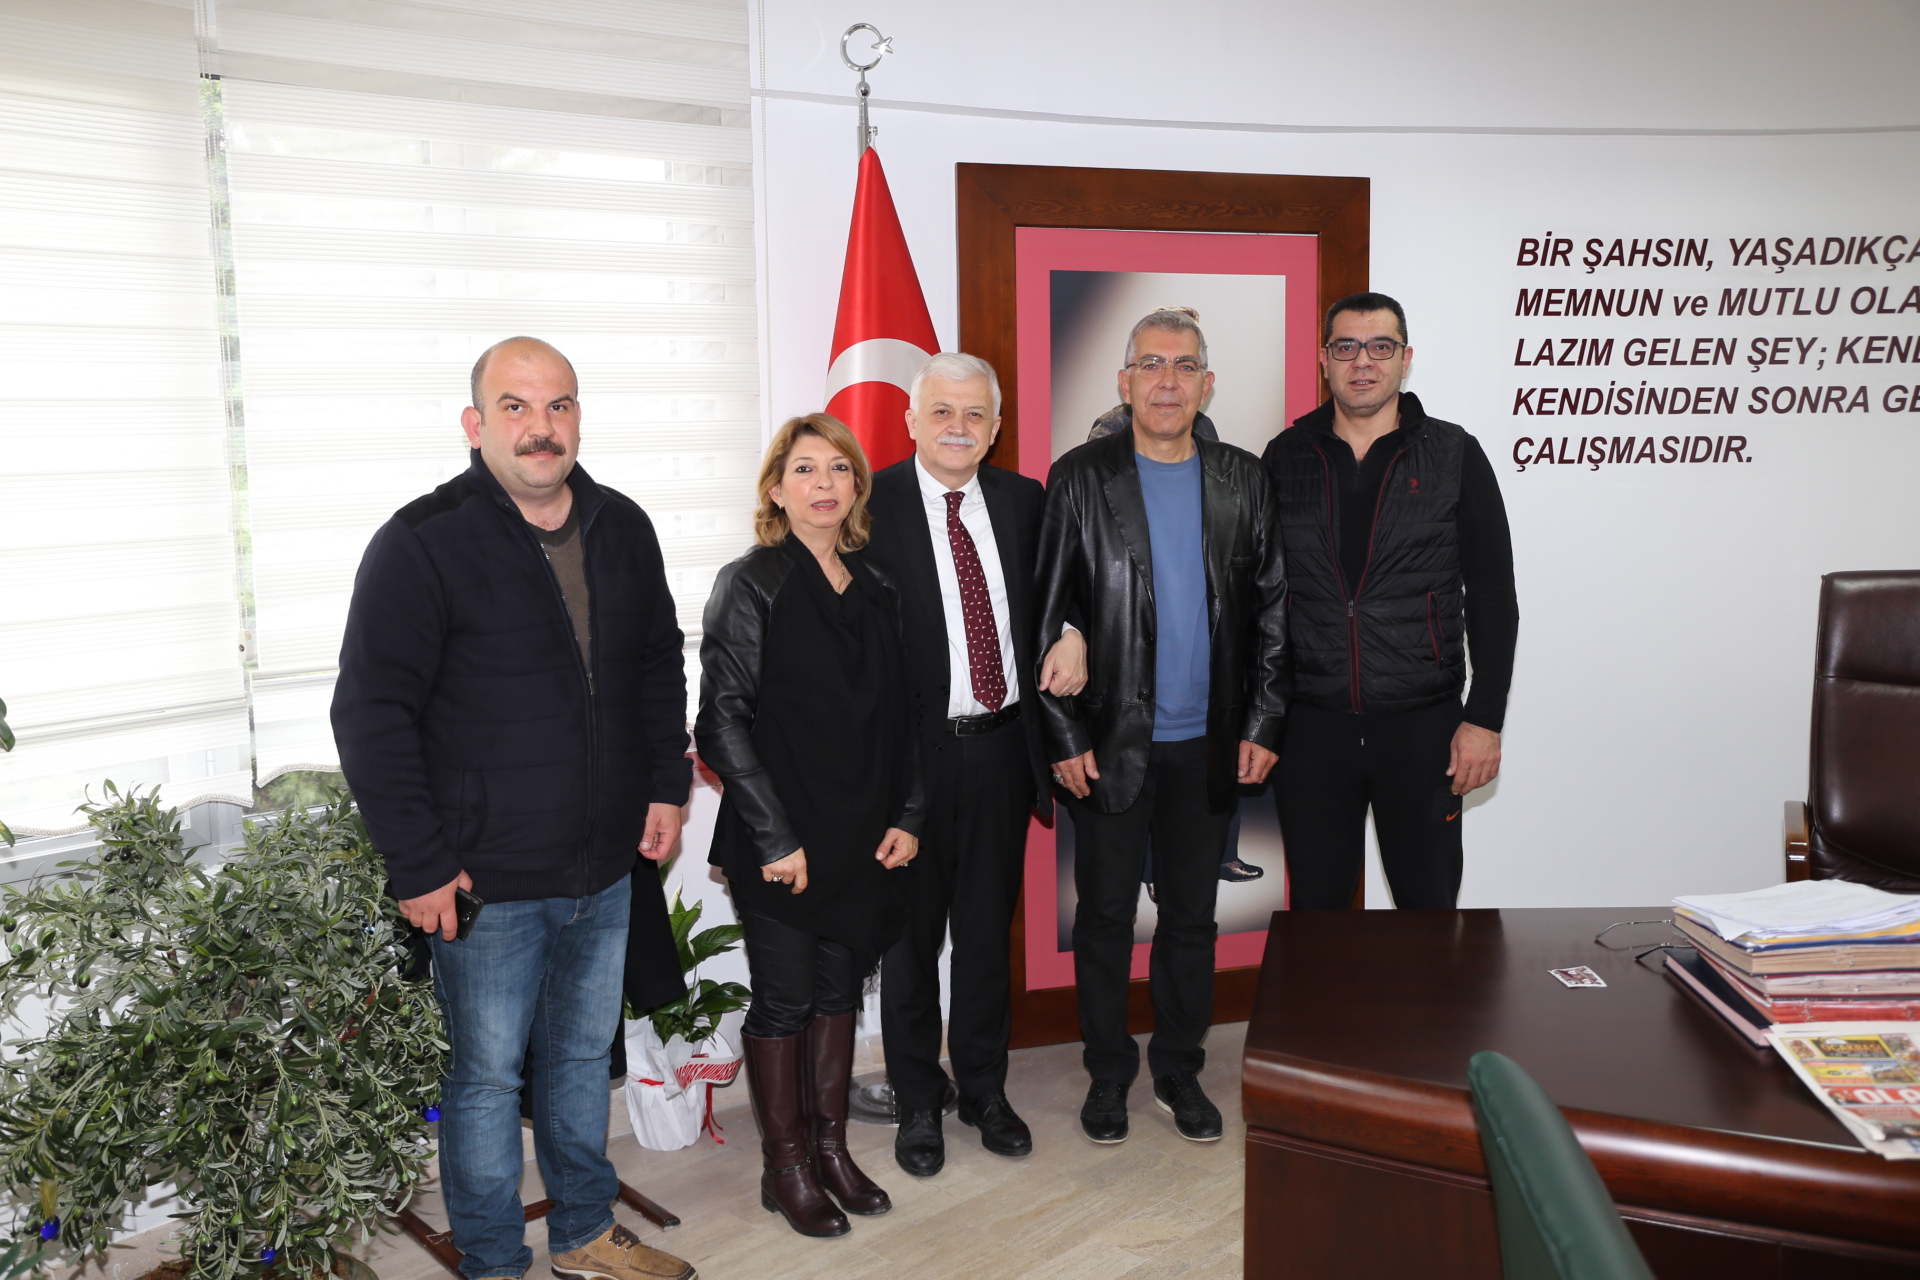 Turizm Tanıtma Derneği Başkanı Şükrü Baykal ve İlçe Yönetim Kurulu Üyeleri Ziyareti